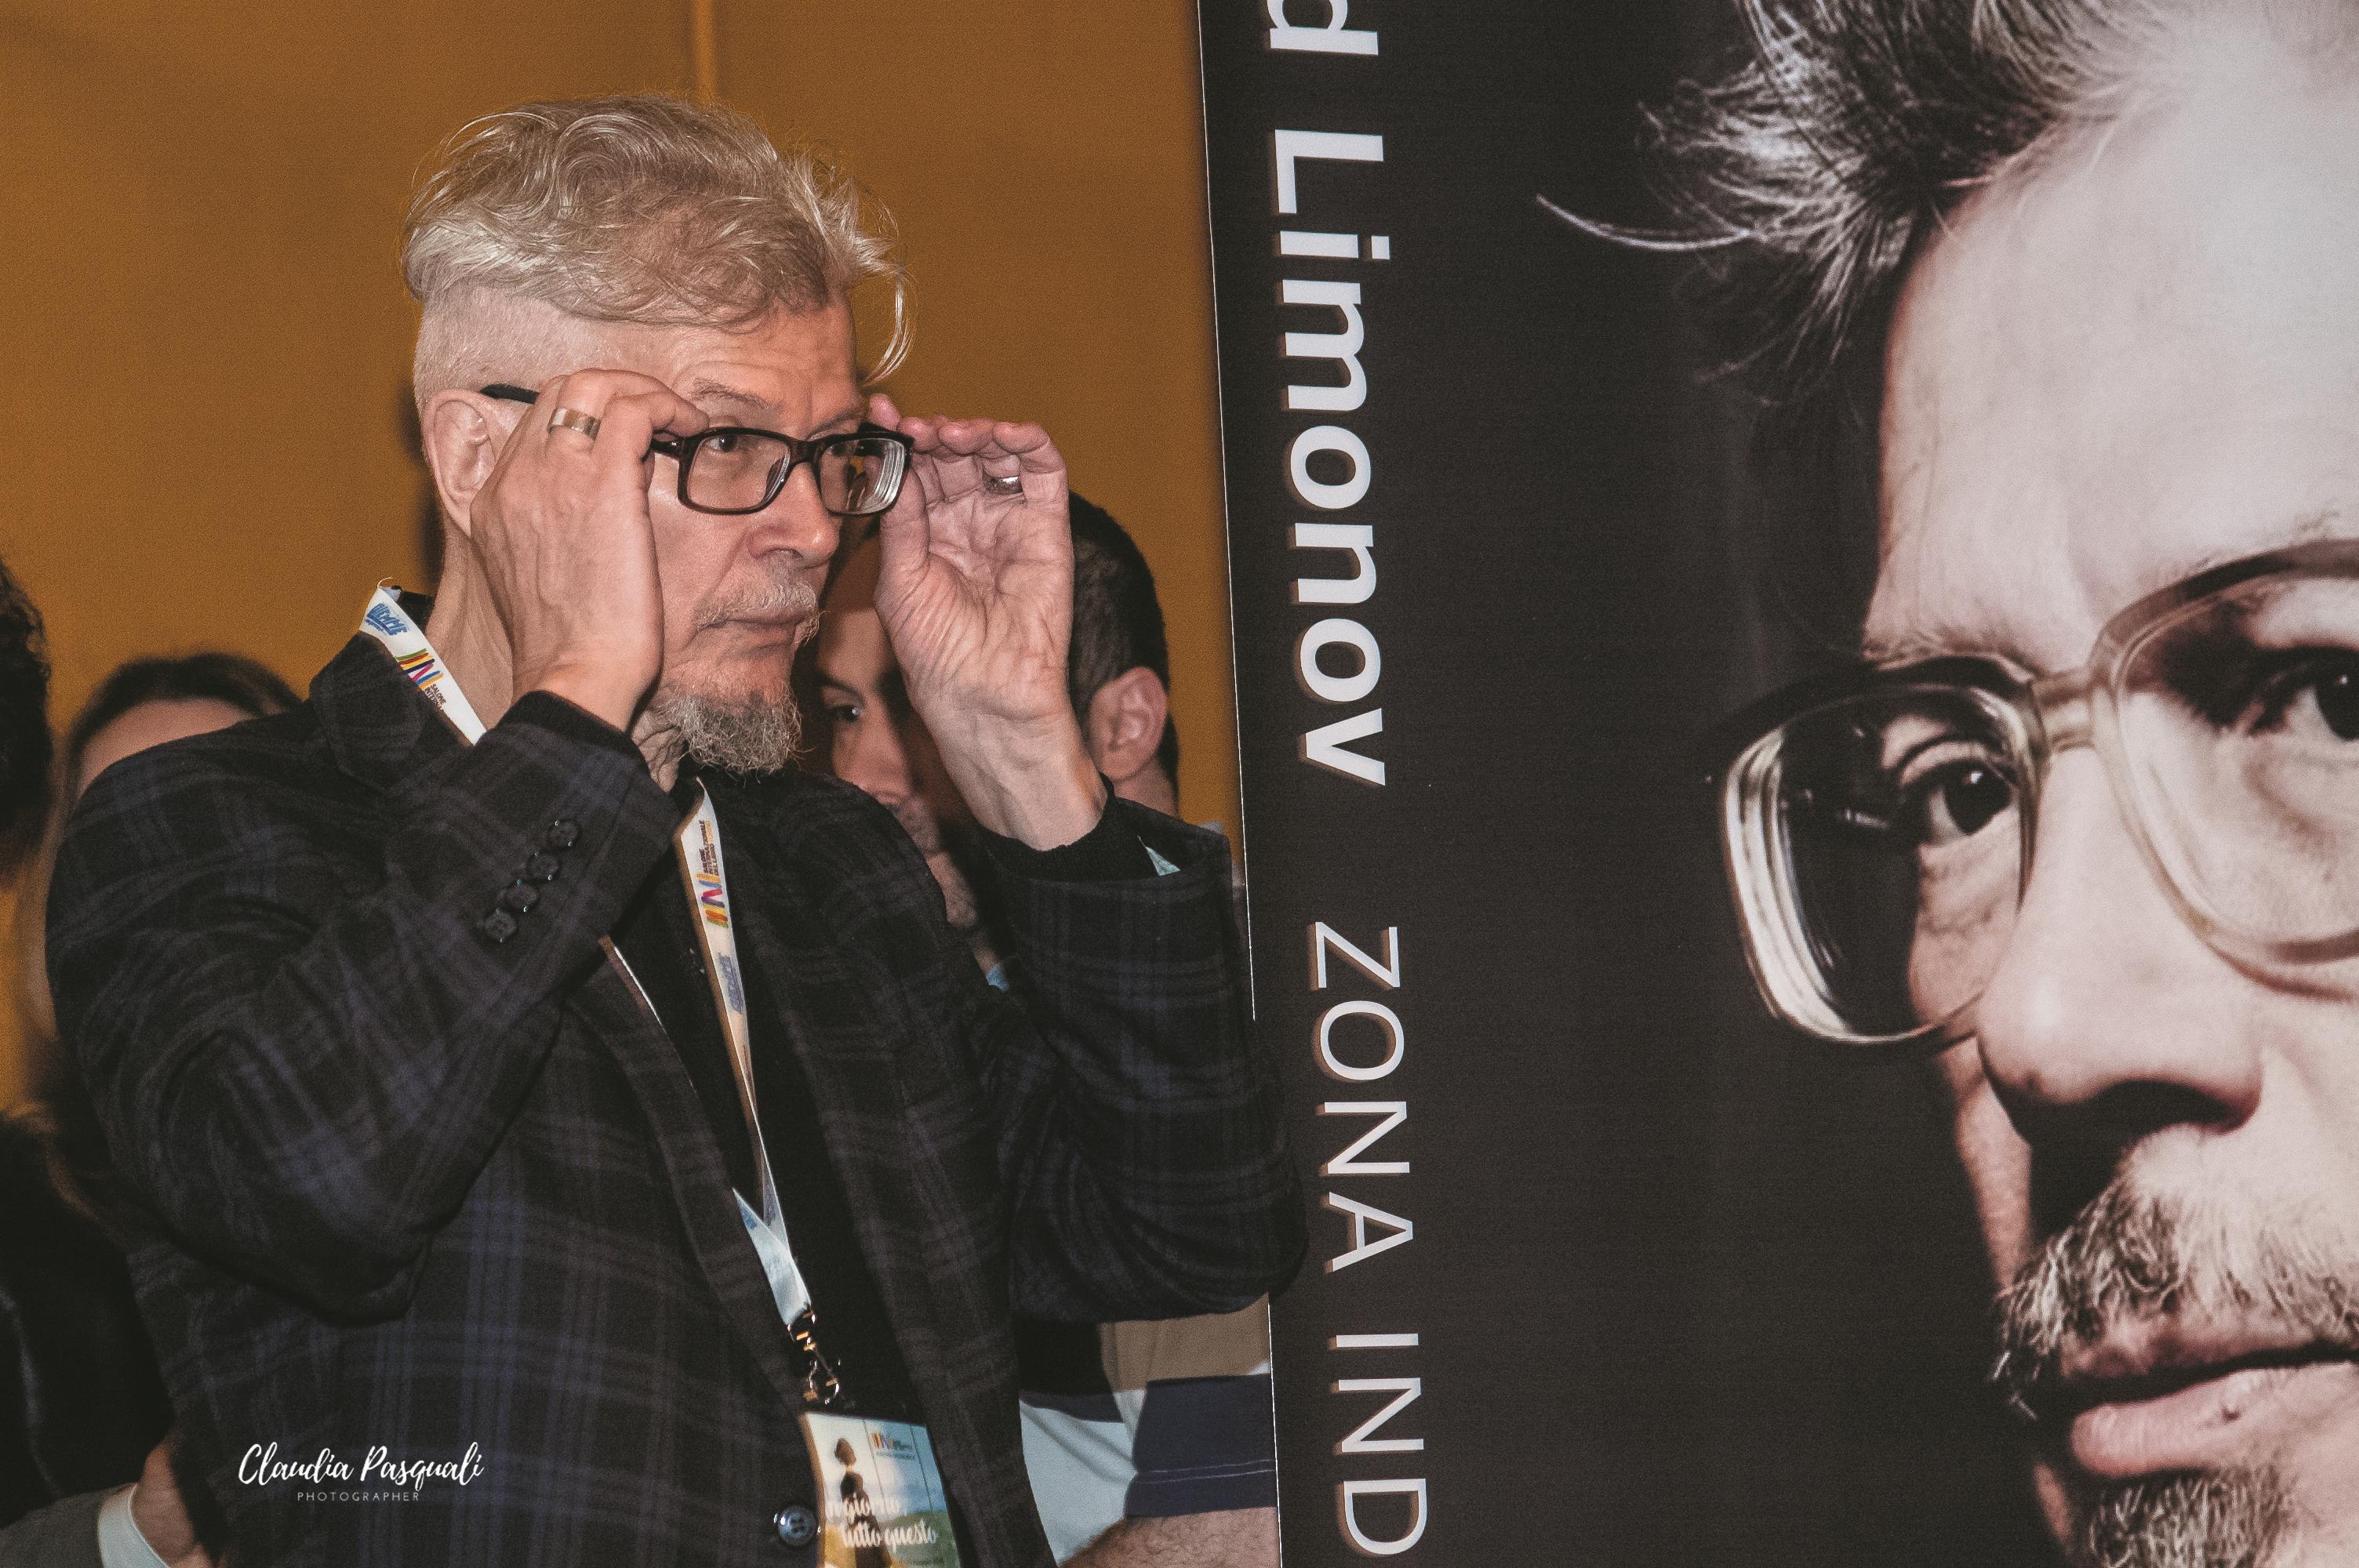 """Presentazione del libro """"Zona industriale"""" di Eduard Limonov presso il Salone del libro di Torino. Eduard Limonov."""